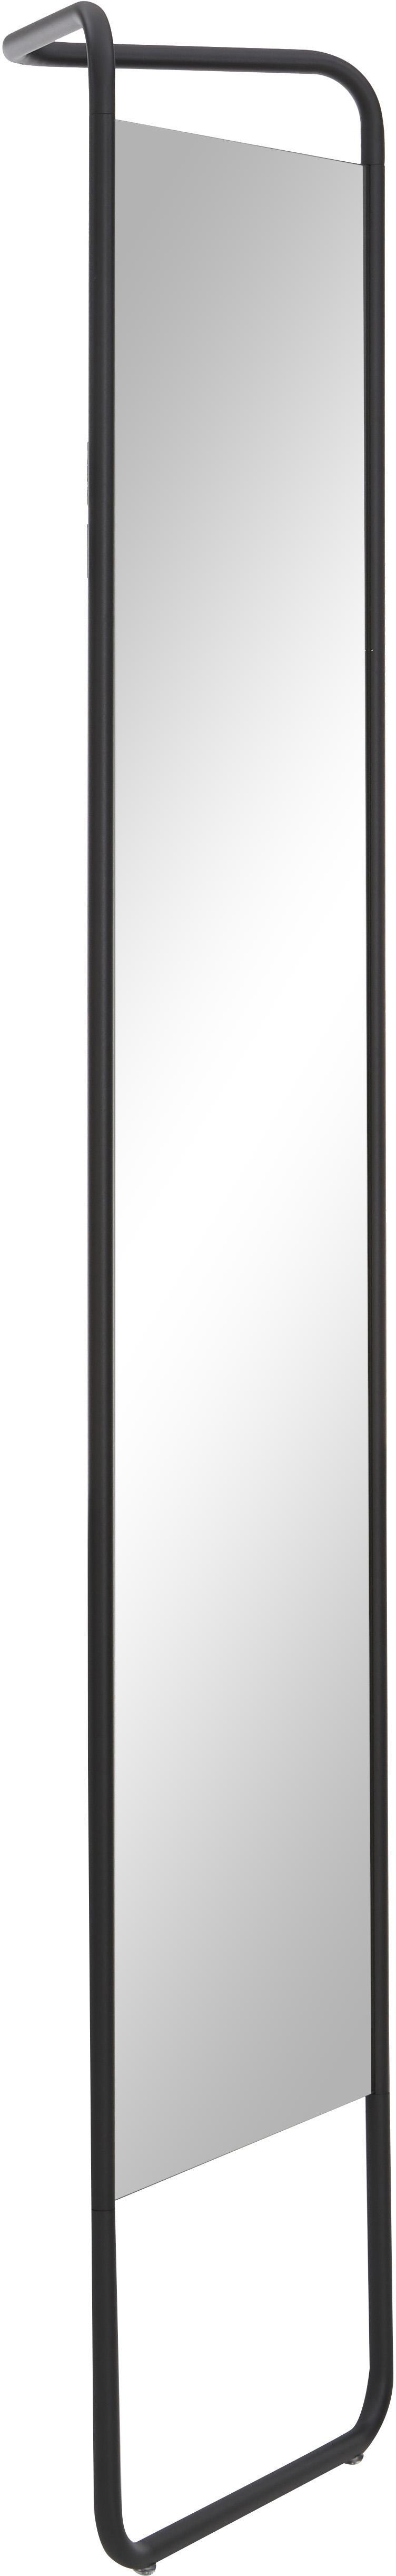 Eckiger Anlehnspiegel Kasch mit schwarzem Rahmen, Rahmen: Aluminium, pulverbeschich, Spiegelfläche: Spiegelglas, Schwarz, 42 x 175 cm